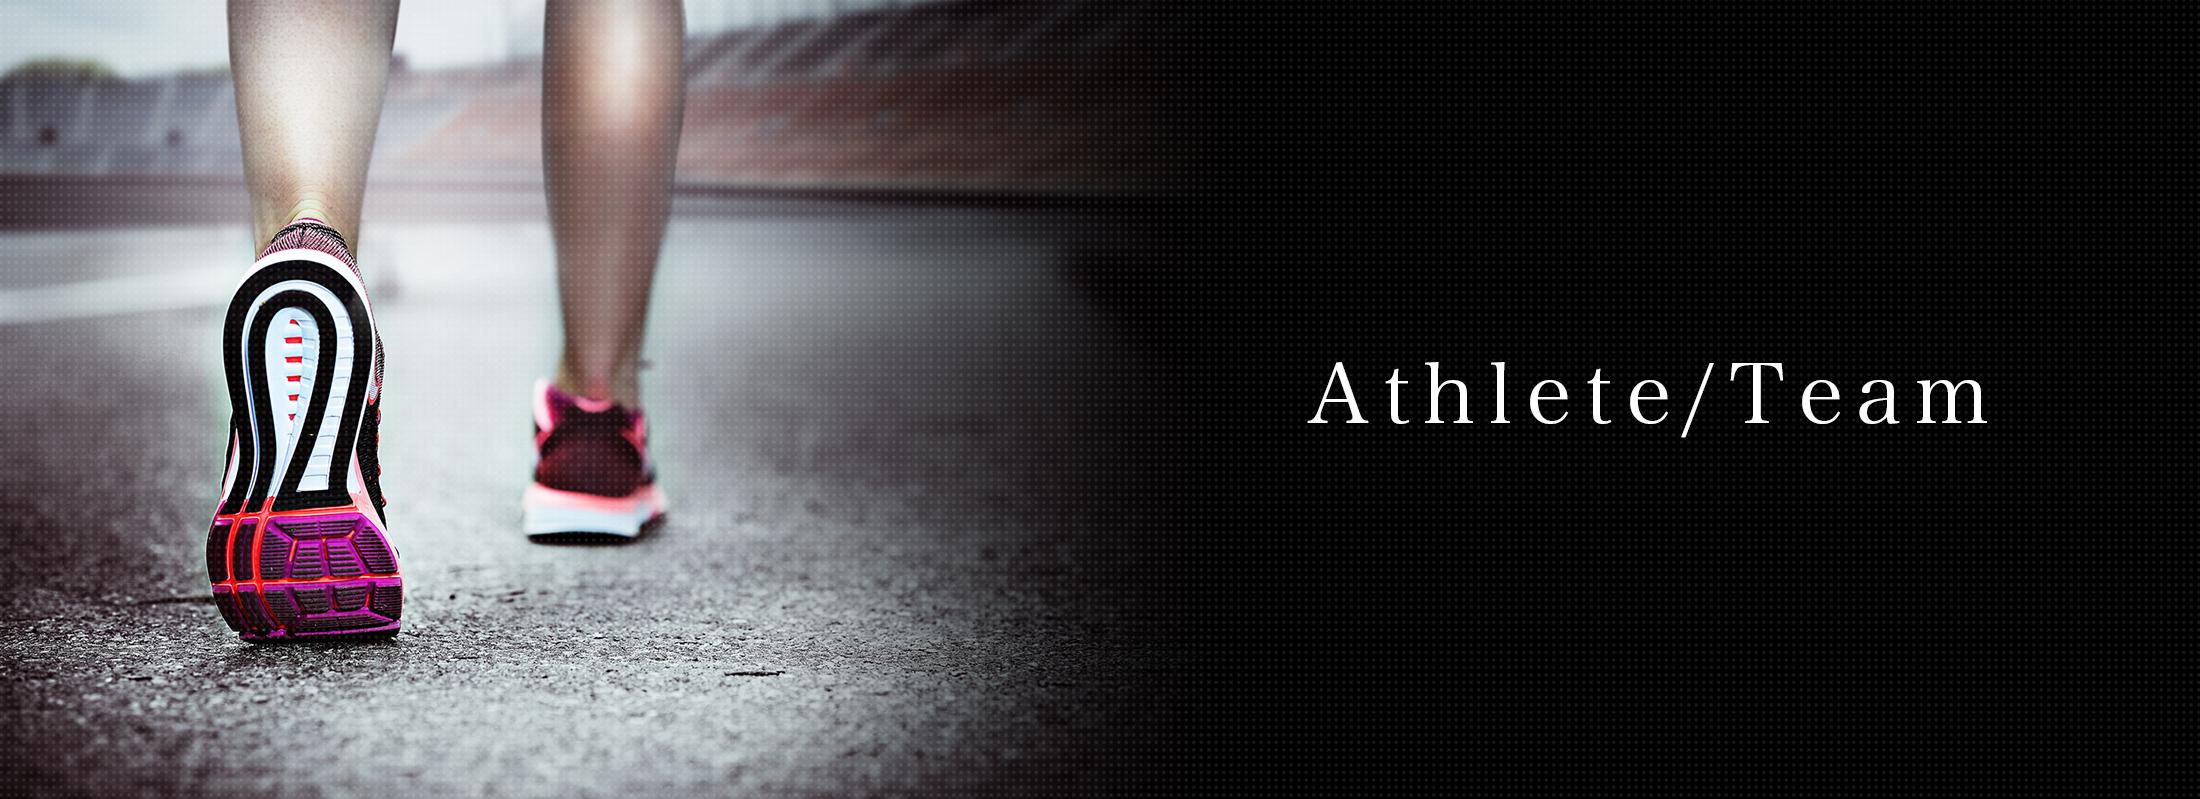 Athlete/Team